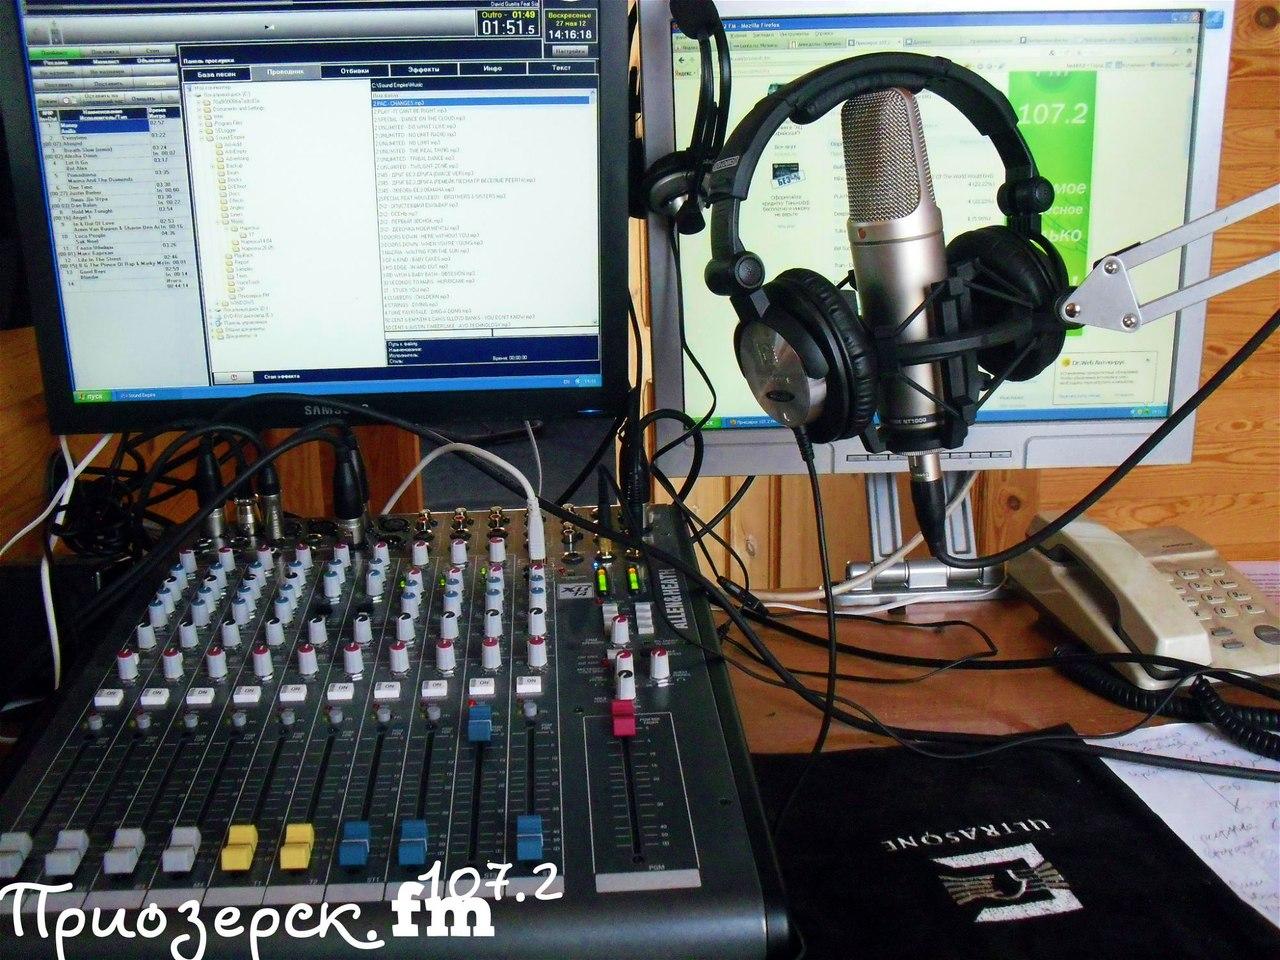 приозерск fm, радио в приозерске, контакты радио ведущих, реклама на радио